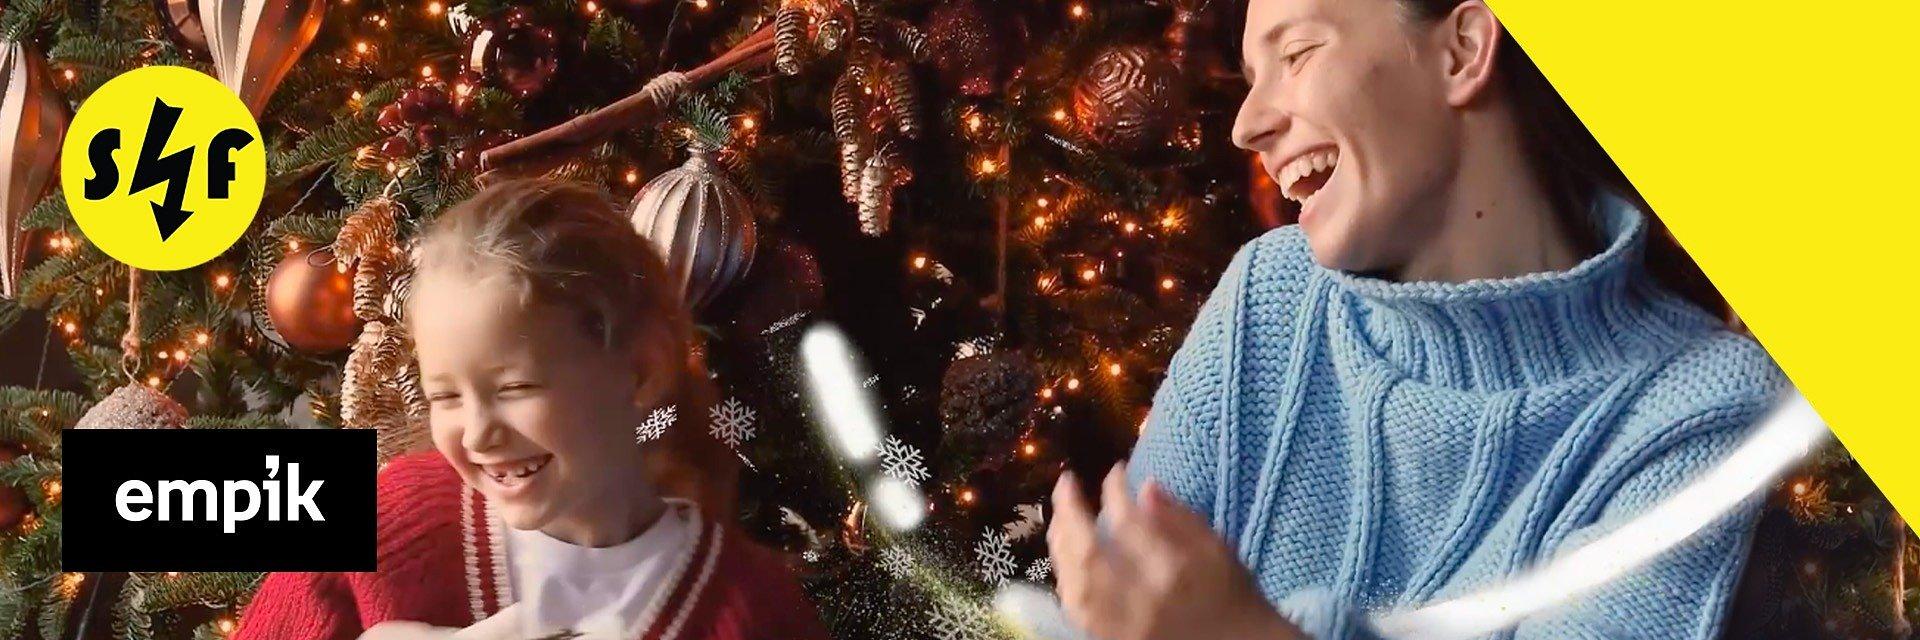 Scholz & Friends Warszawa dla Empik z kampanią świąteczną